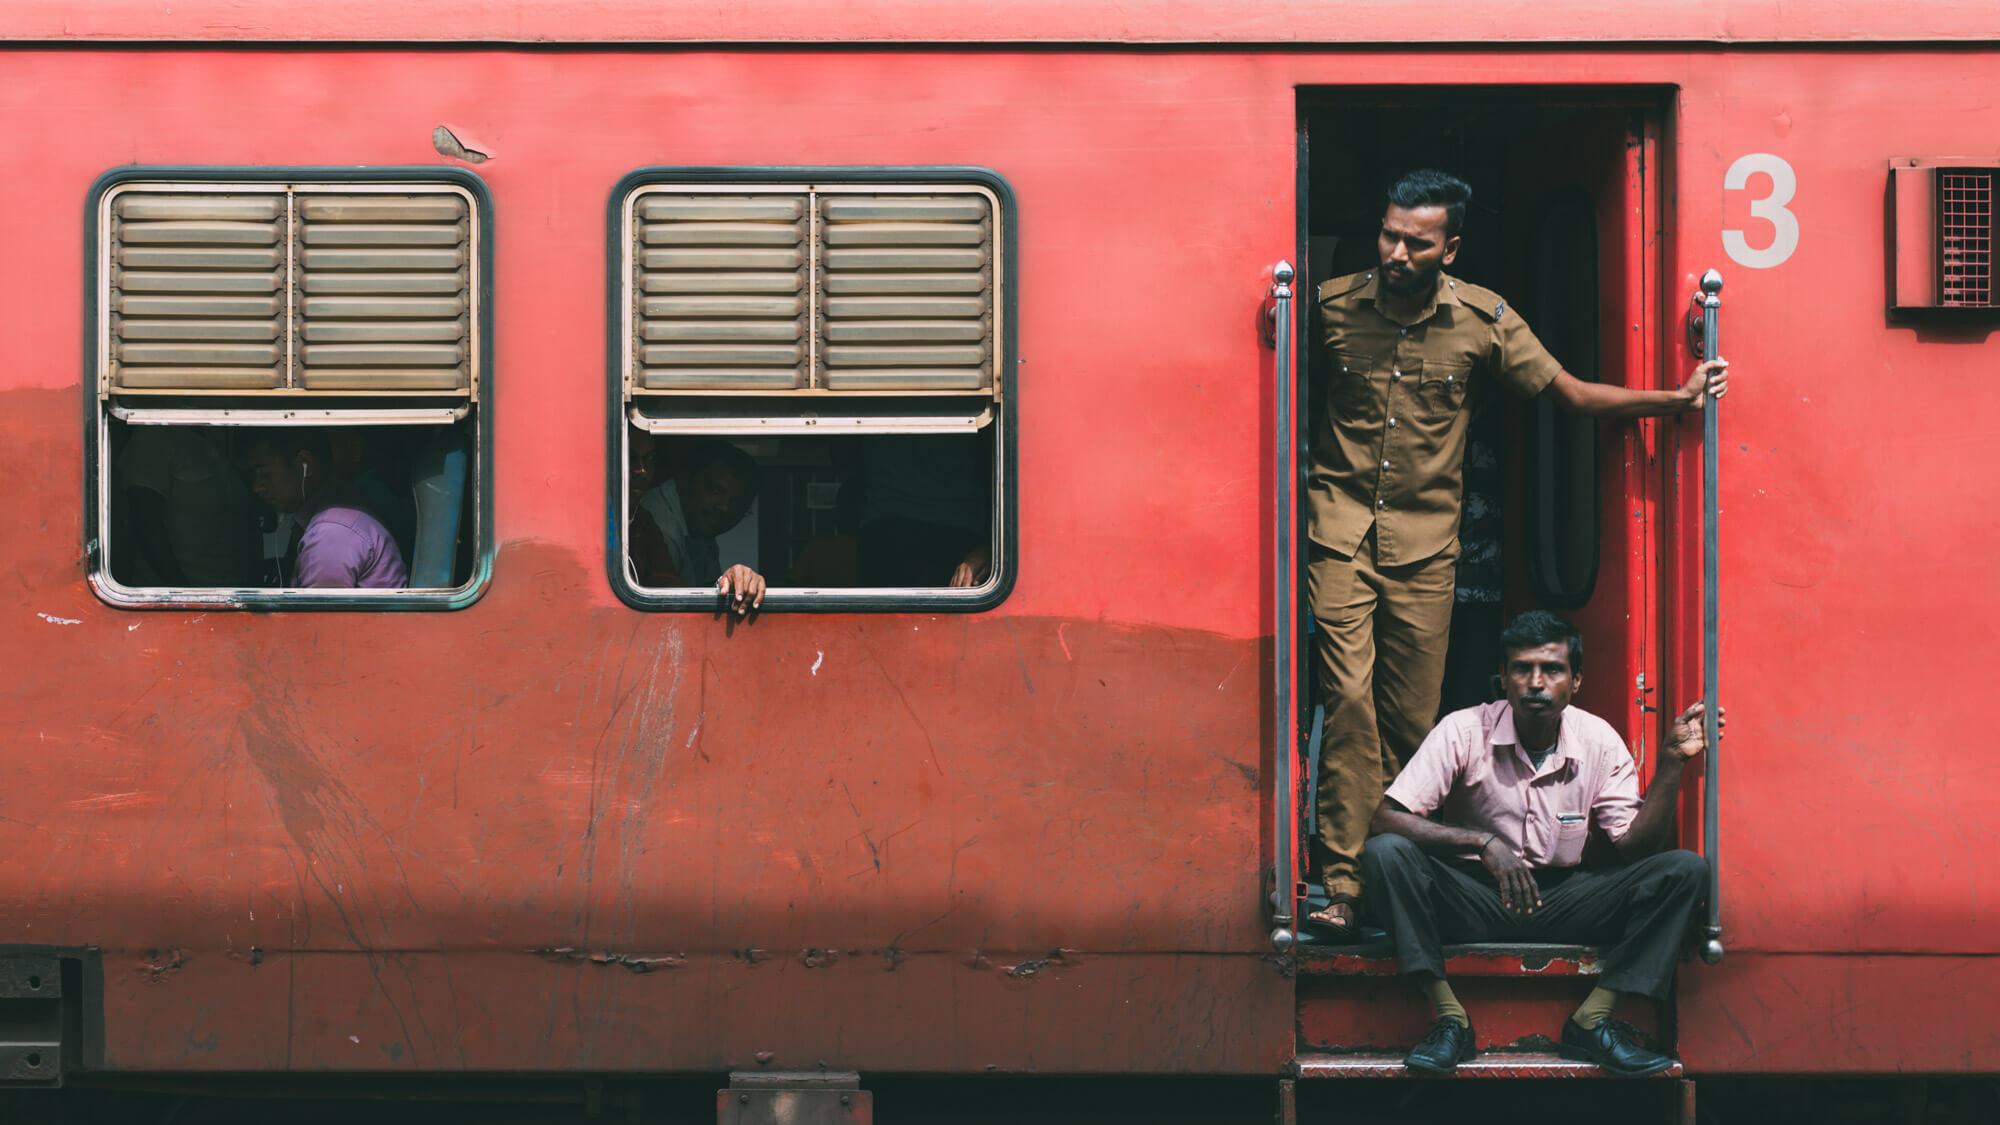 Photographie de voyage à destination des agences